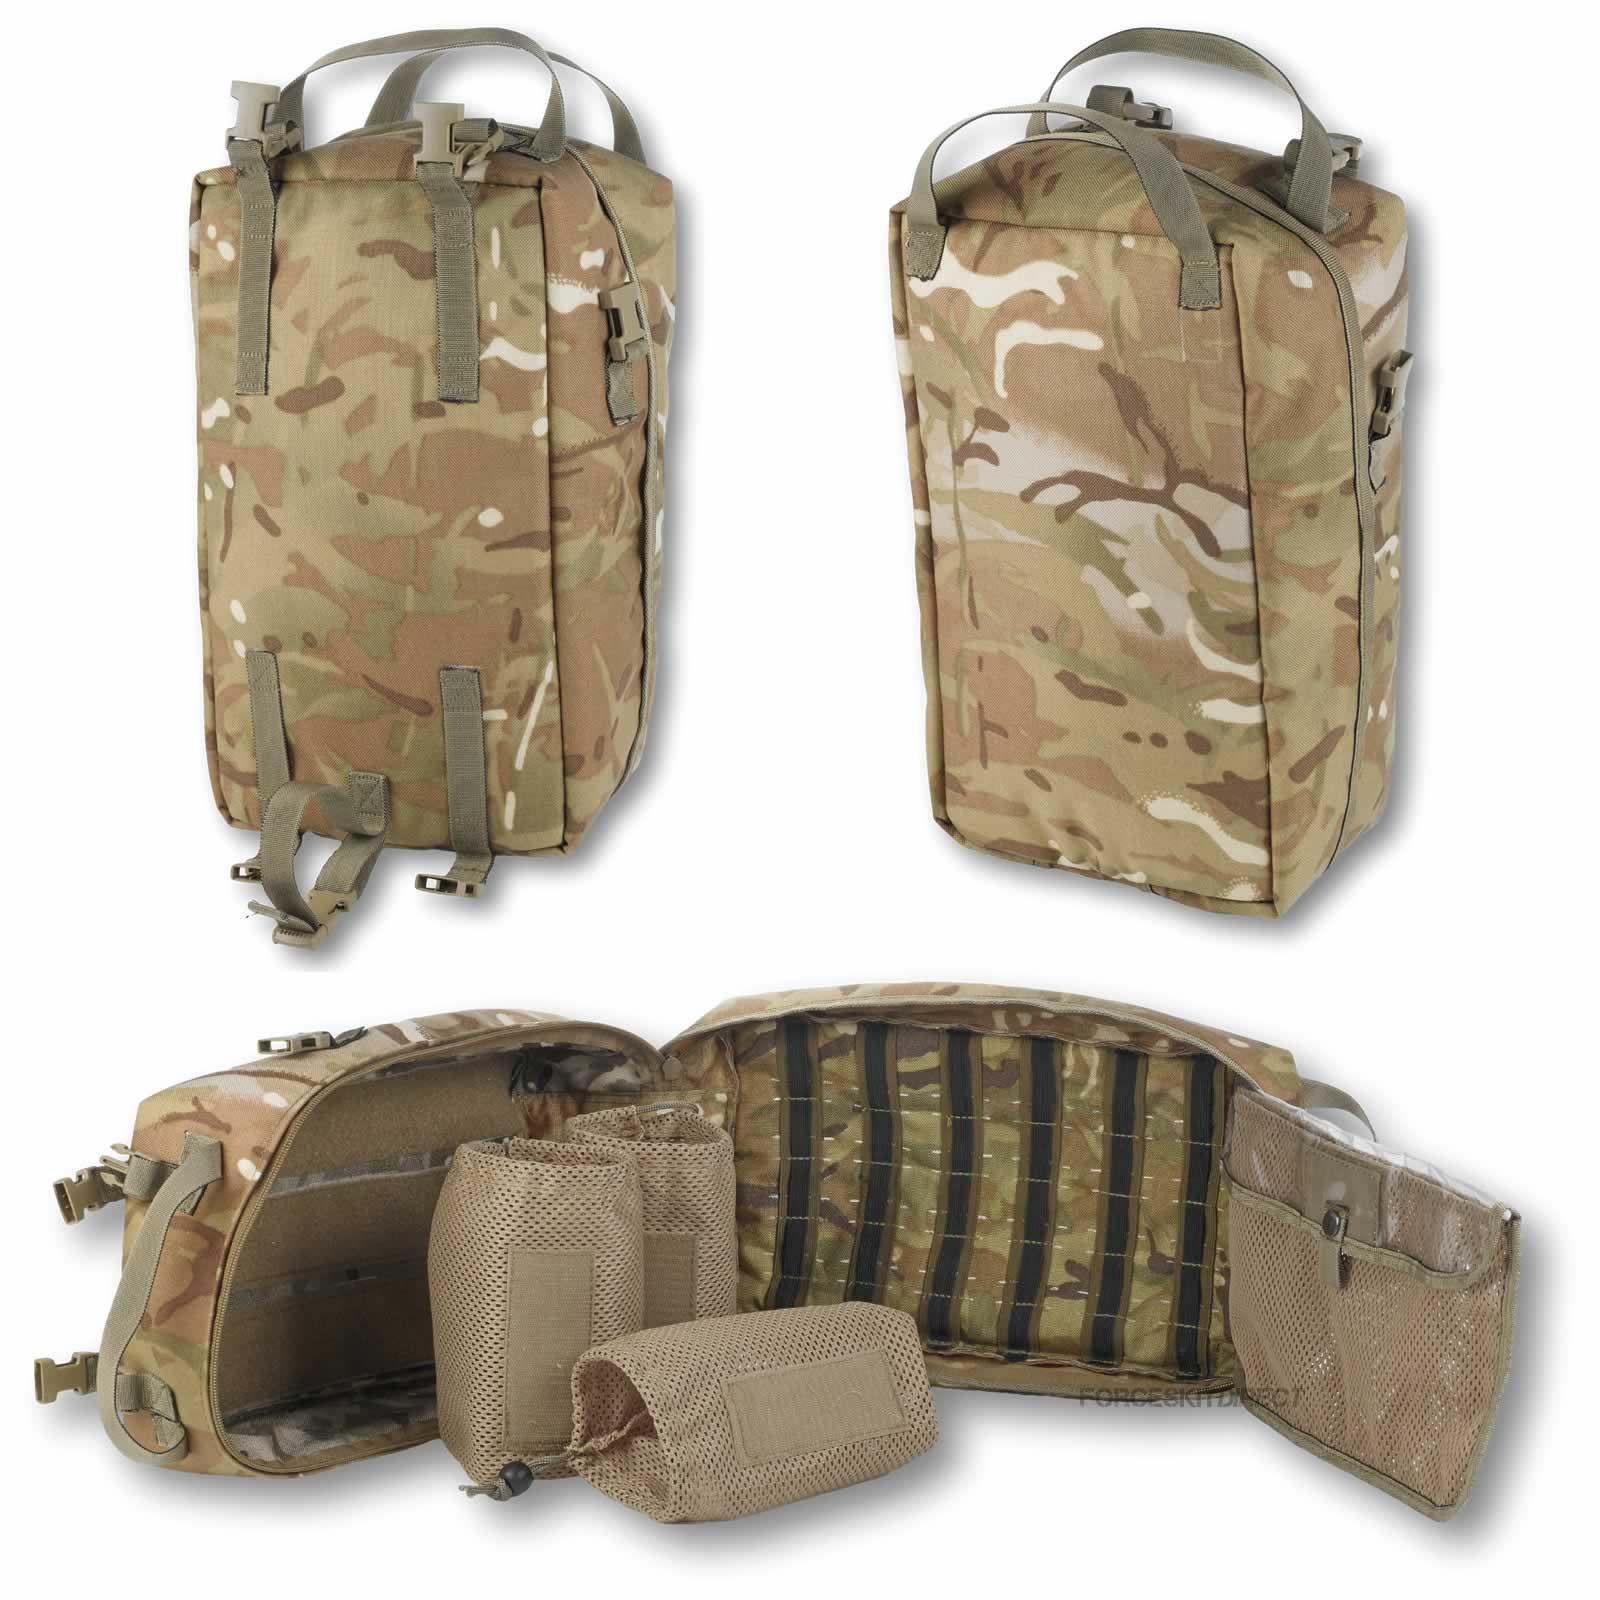 British Army Medics Side Pouch Pocket Medical Trauma Bag